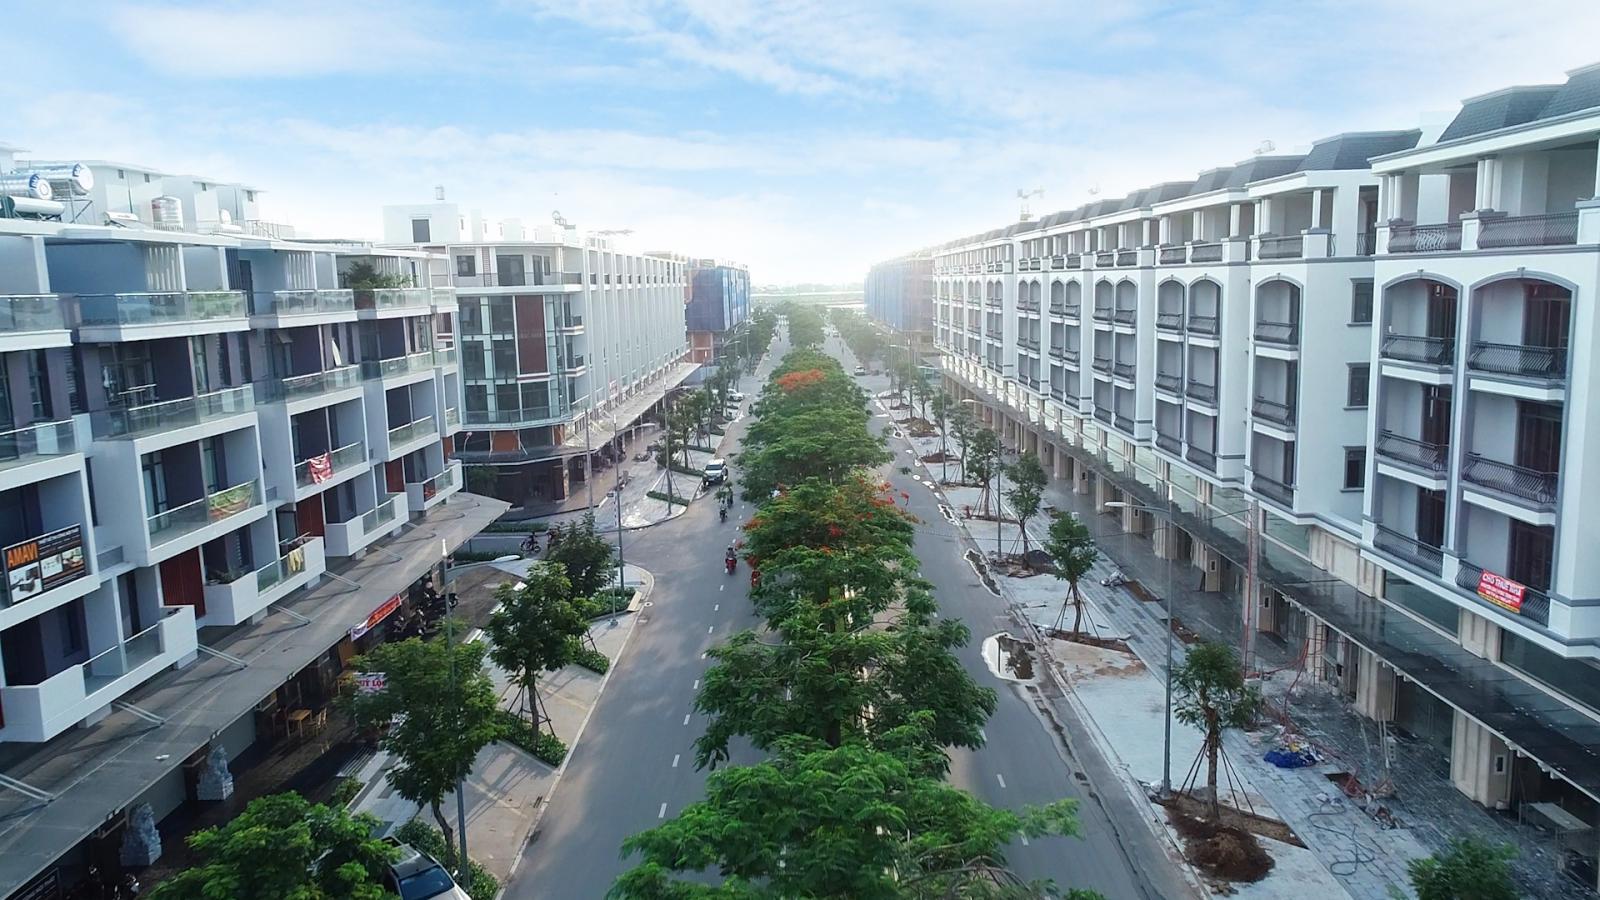 dãy nhà phố thương mại trong khu đô thị